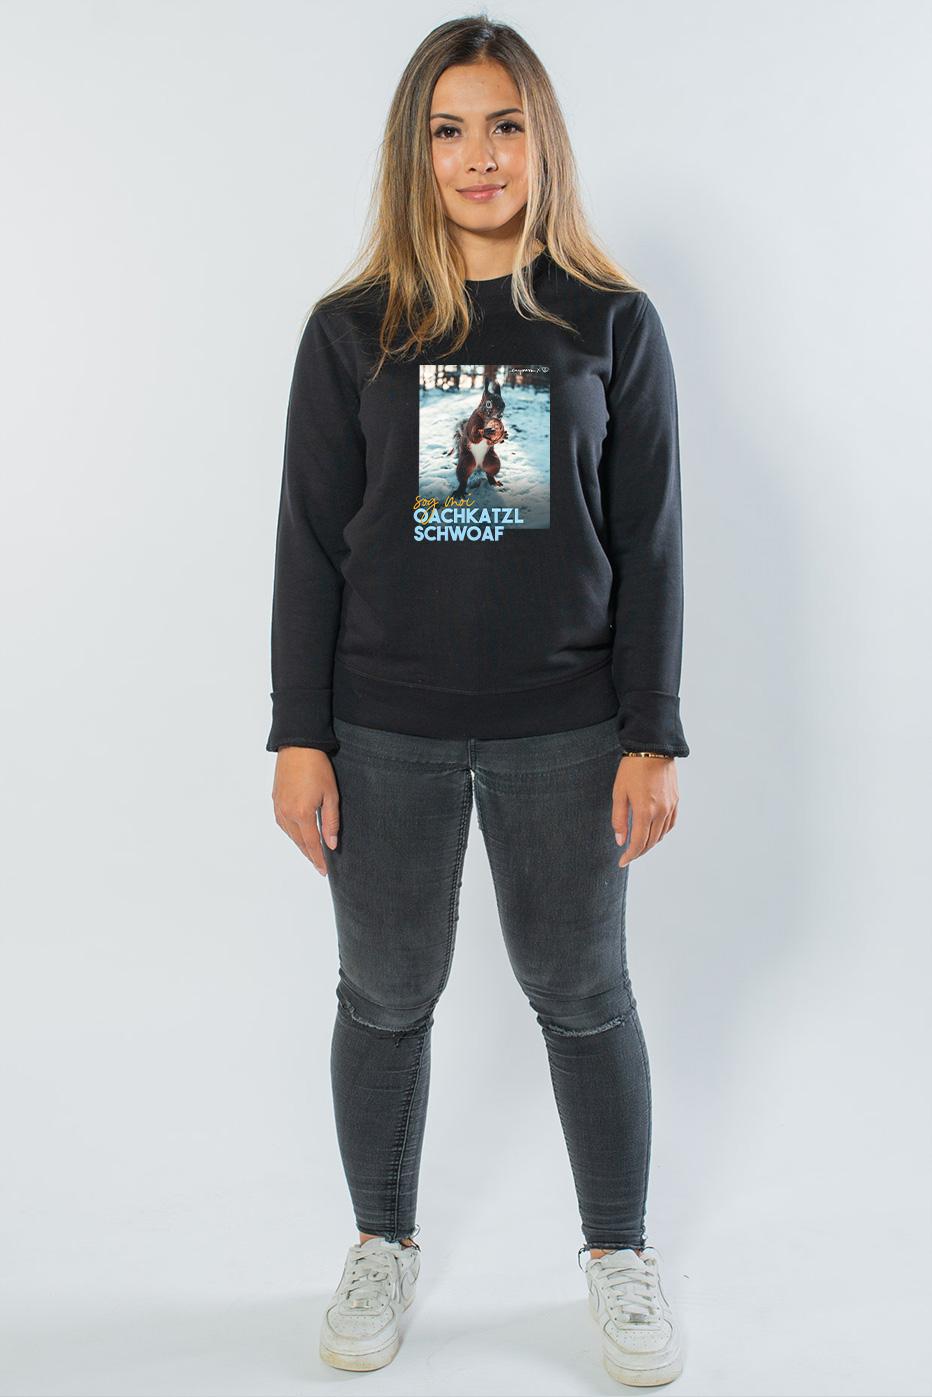 Oachkatzlschwoaf Unisex Sweater